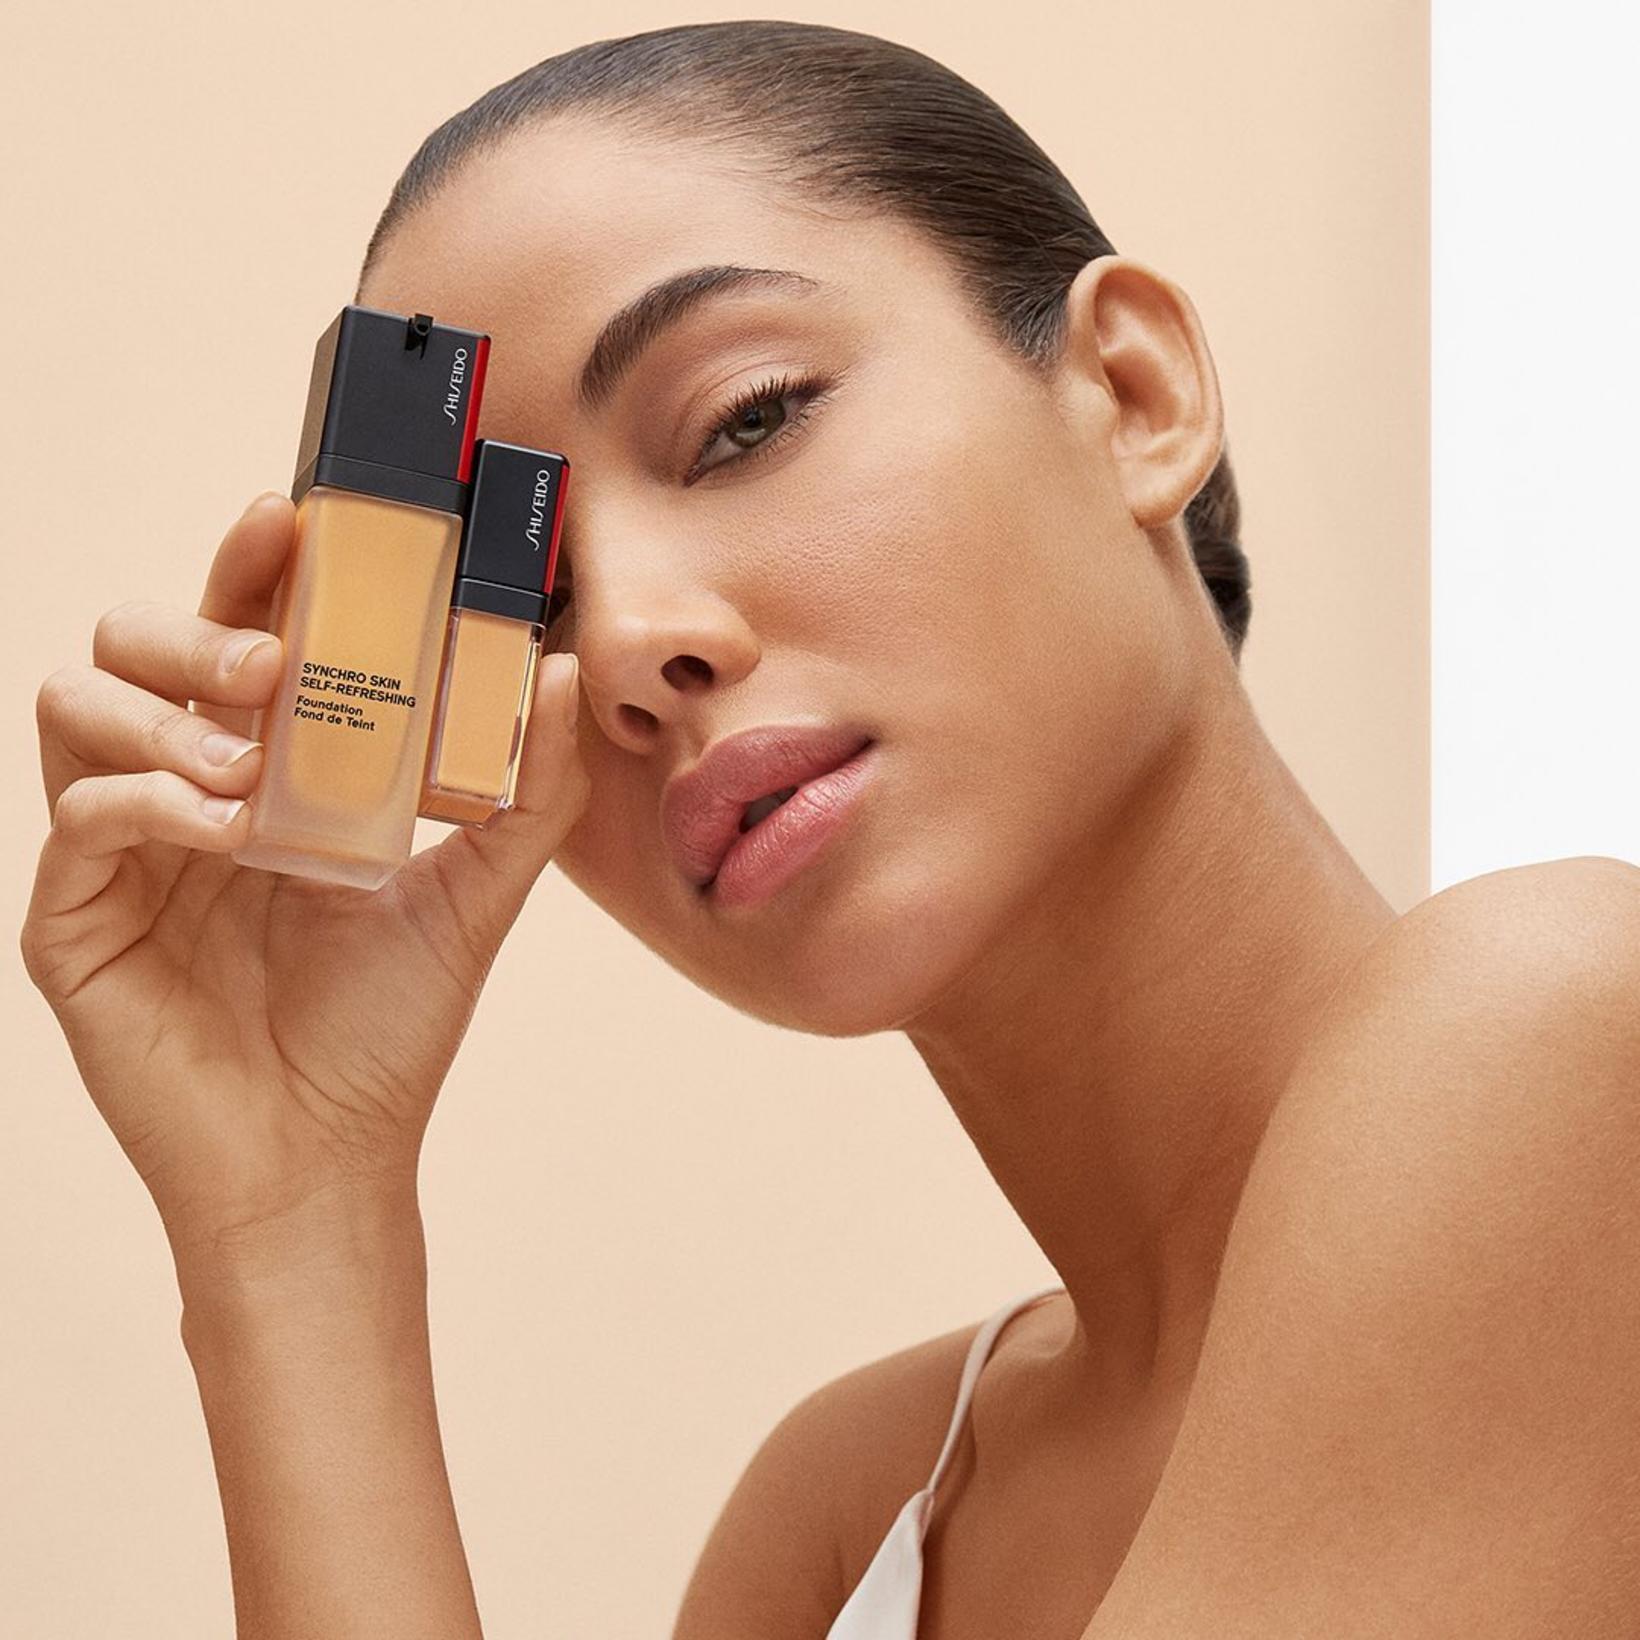 Mikil spenna ríkti fyrir nýjustu farðalínu Shiseido sem býr yfir ...